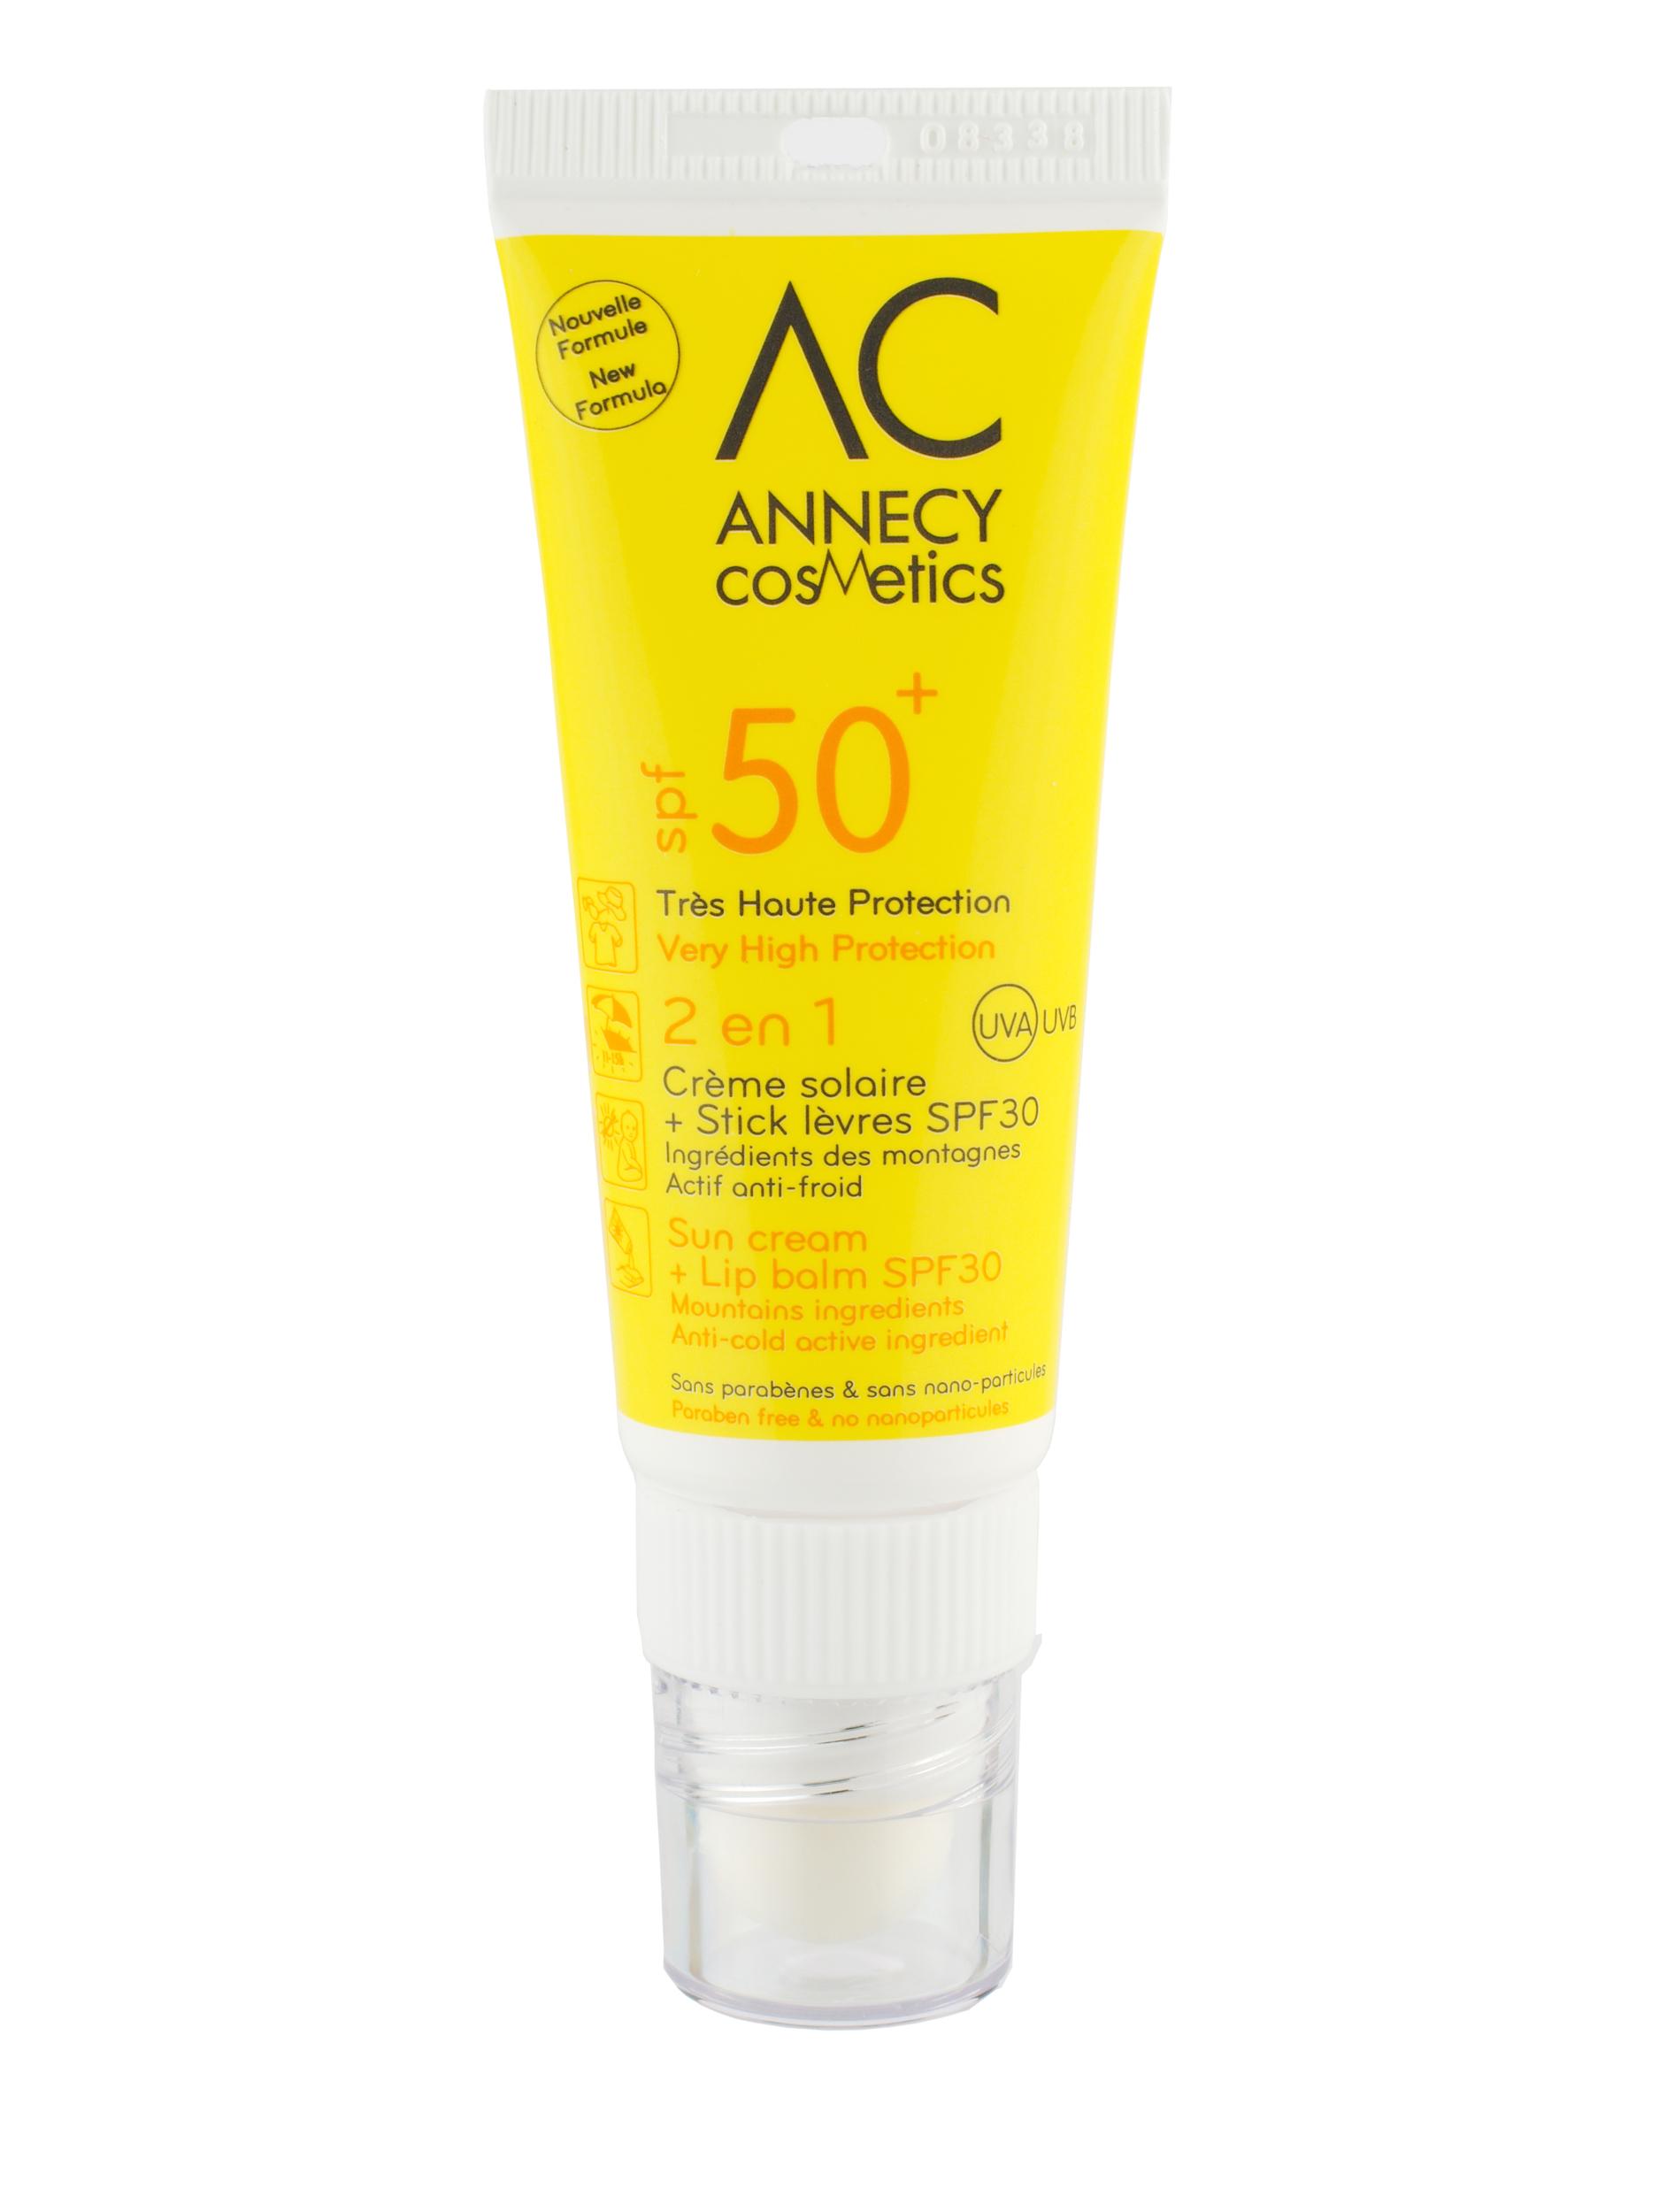 Doux Good - Annecy Cosmetics - 2 en 1 - Crème solaire SPF50 et stick lèvres